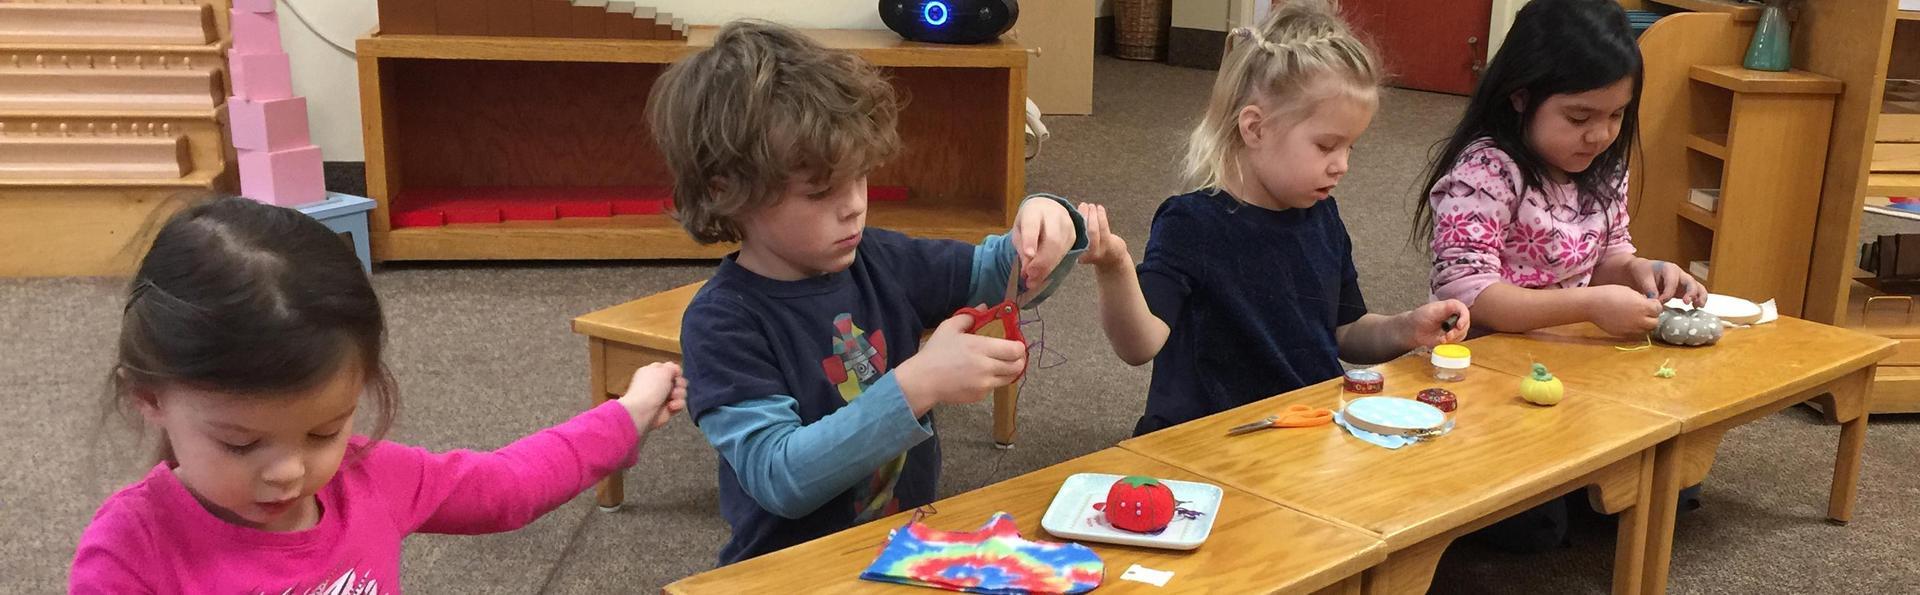 Children sewing